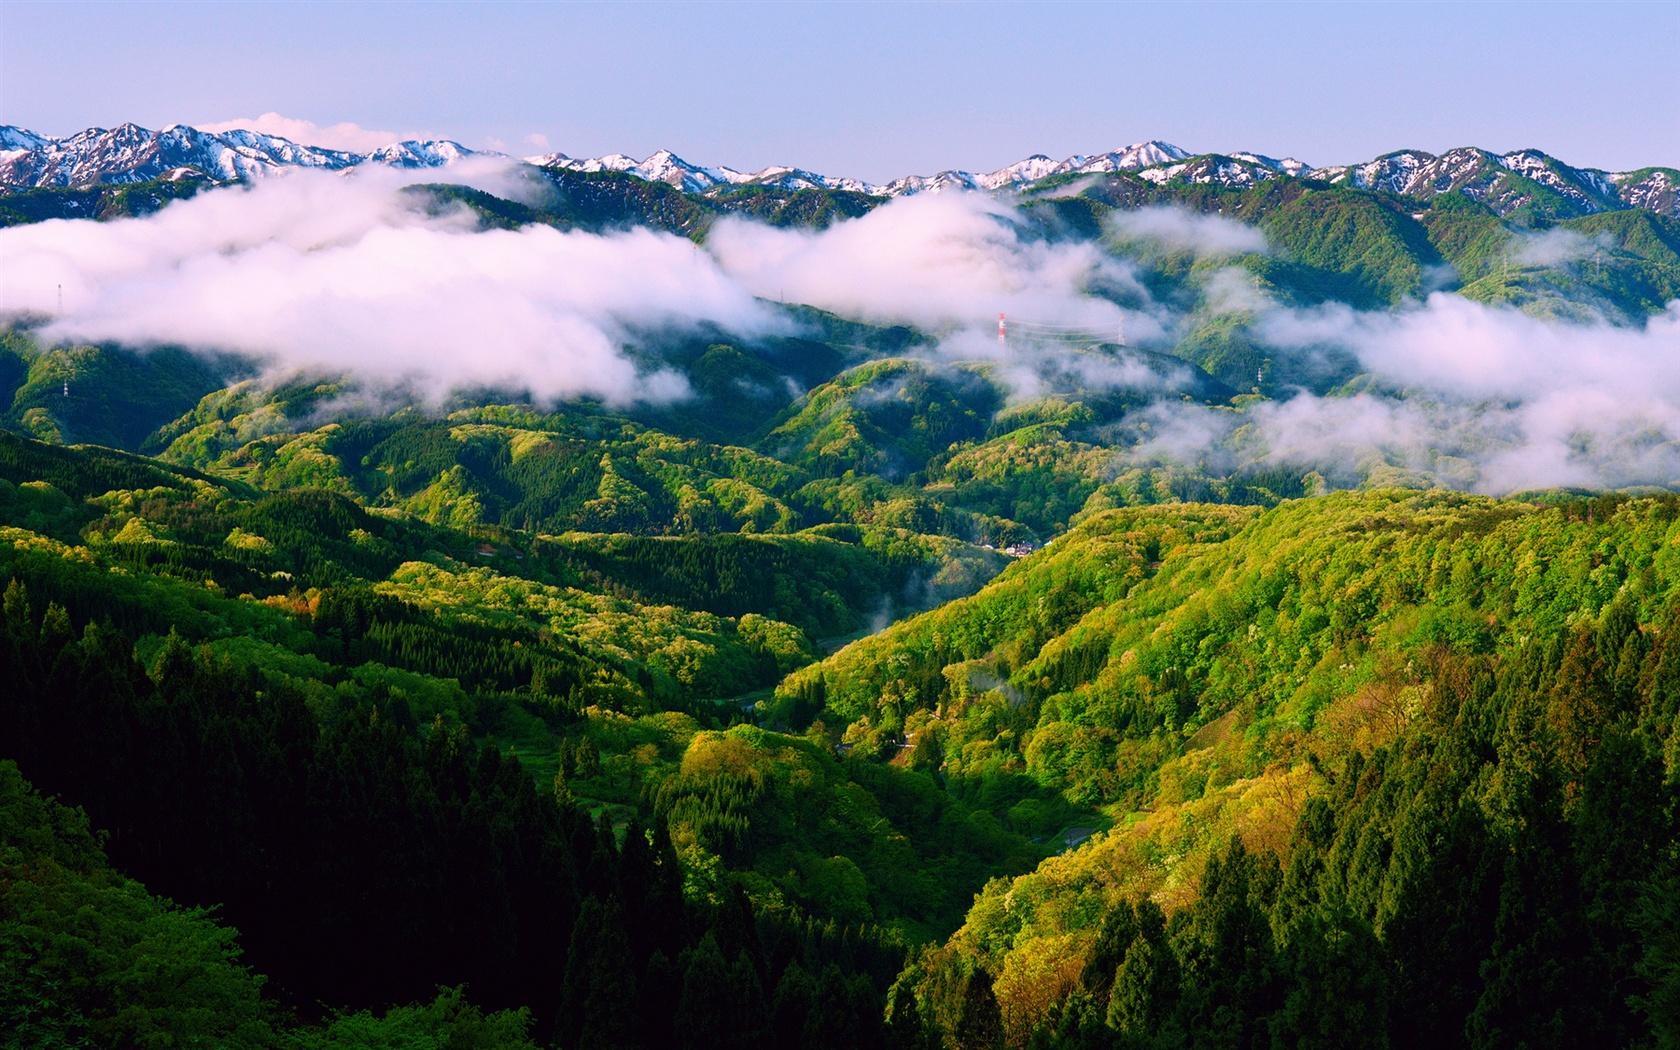 日本本州石川、春の朝、美しい自然の風景、霧、山 壁紙 - 1680x10...   日本本州石川